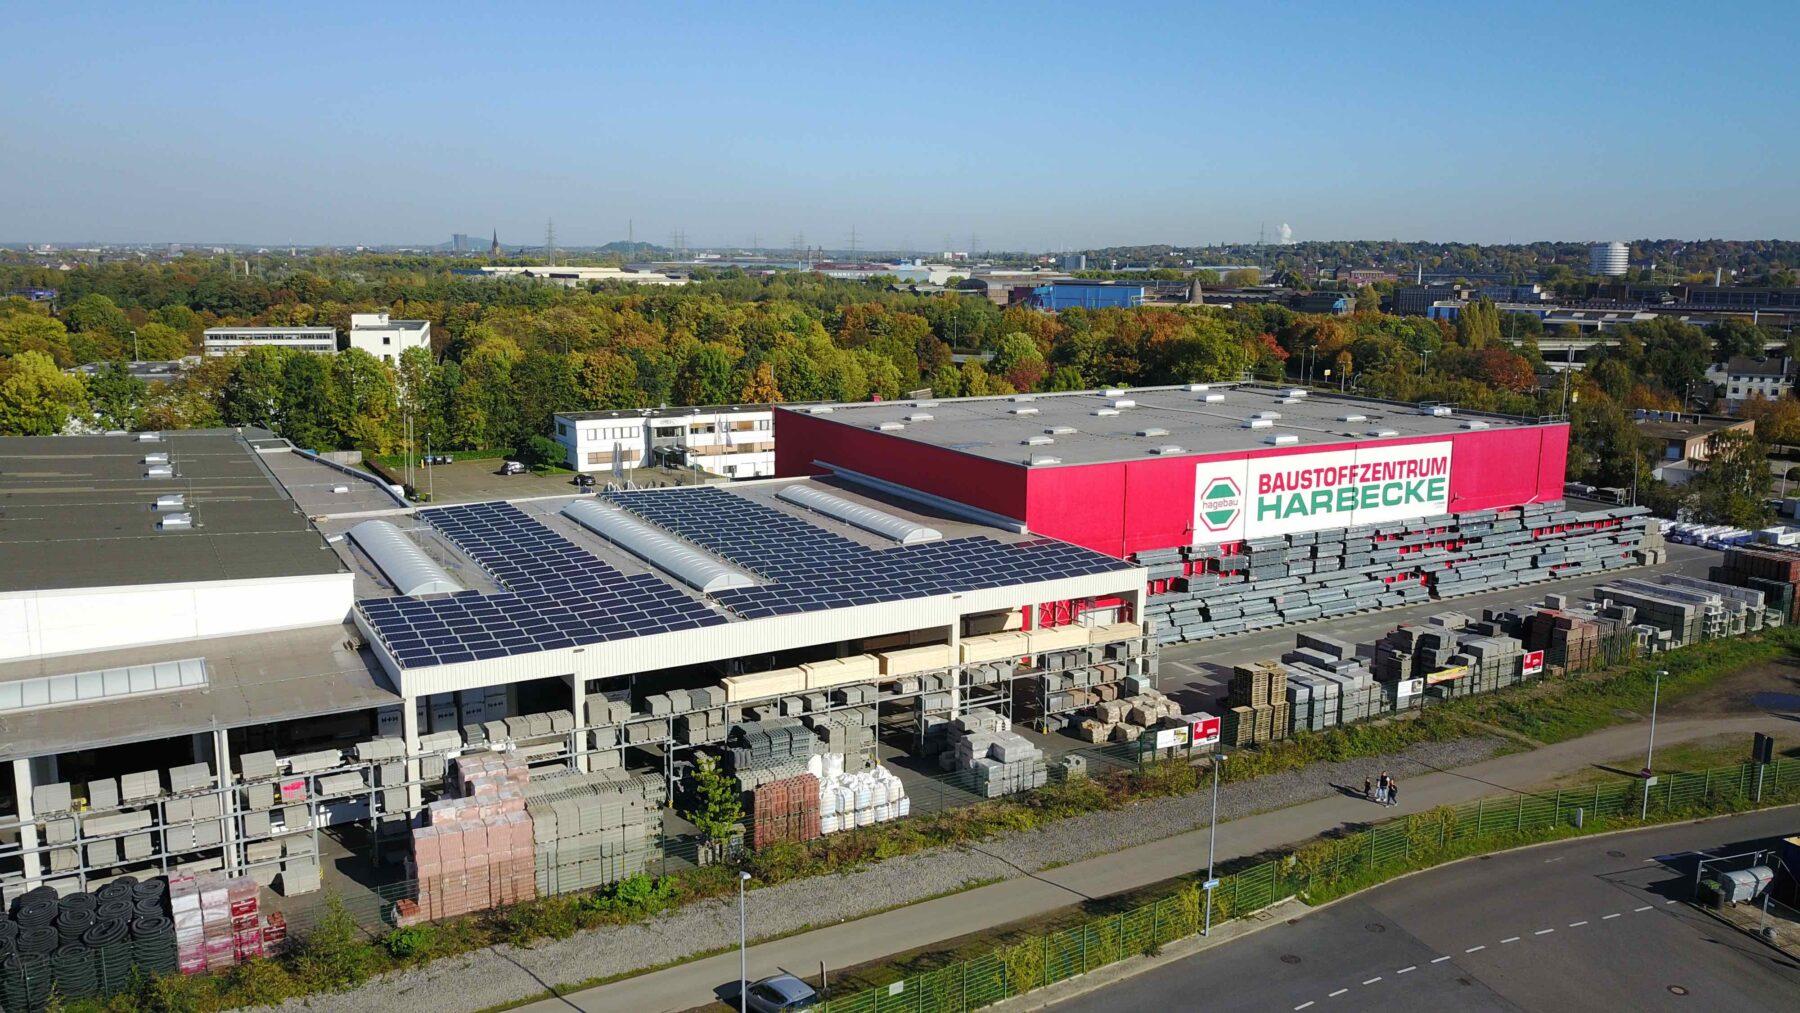 """Auch Photovoltaikmodule auf Lagergebäuden sind ein Baustein """"Grüner Logistik"""". Foto: Baustoffzentrum Harbecke"""